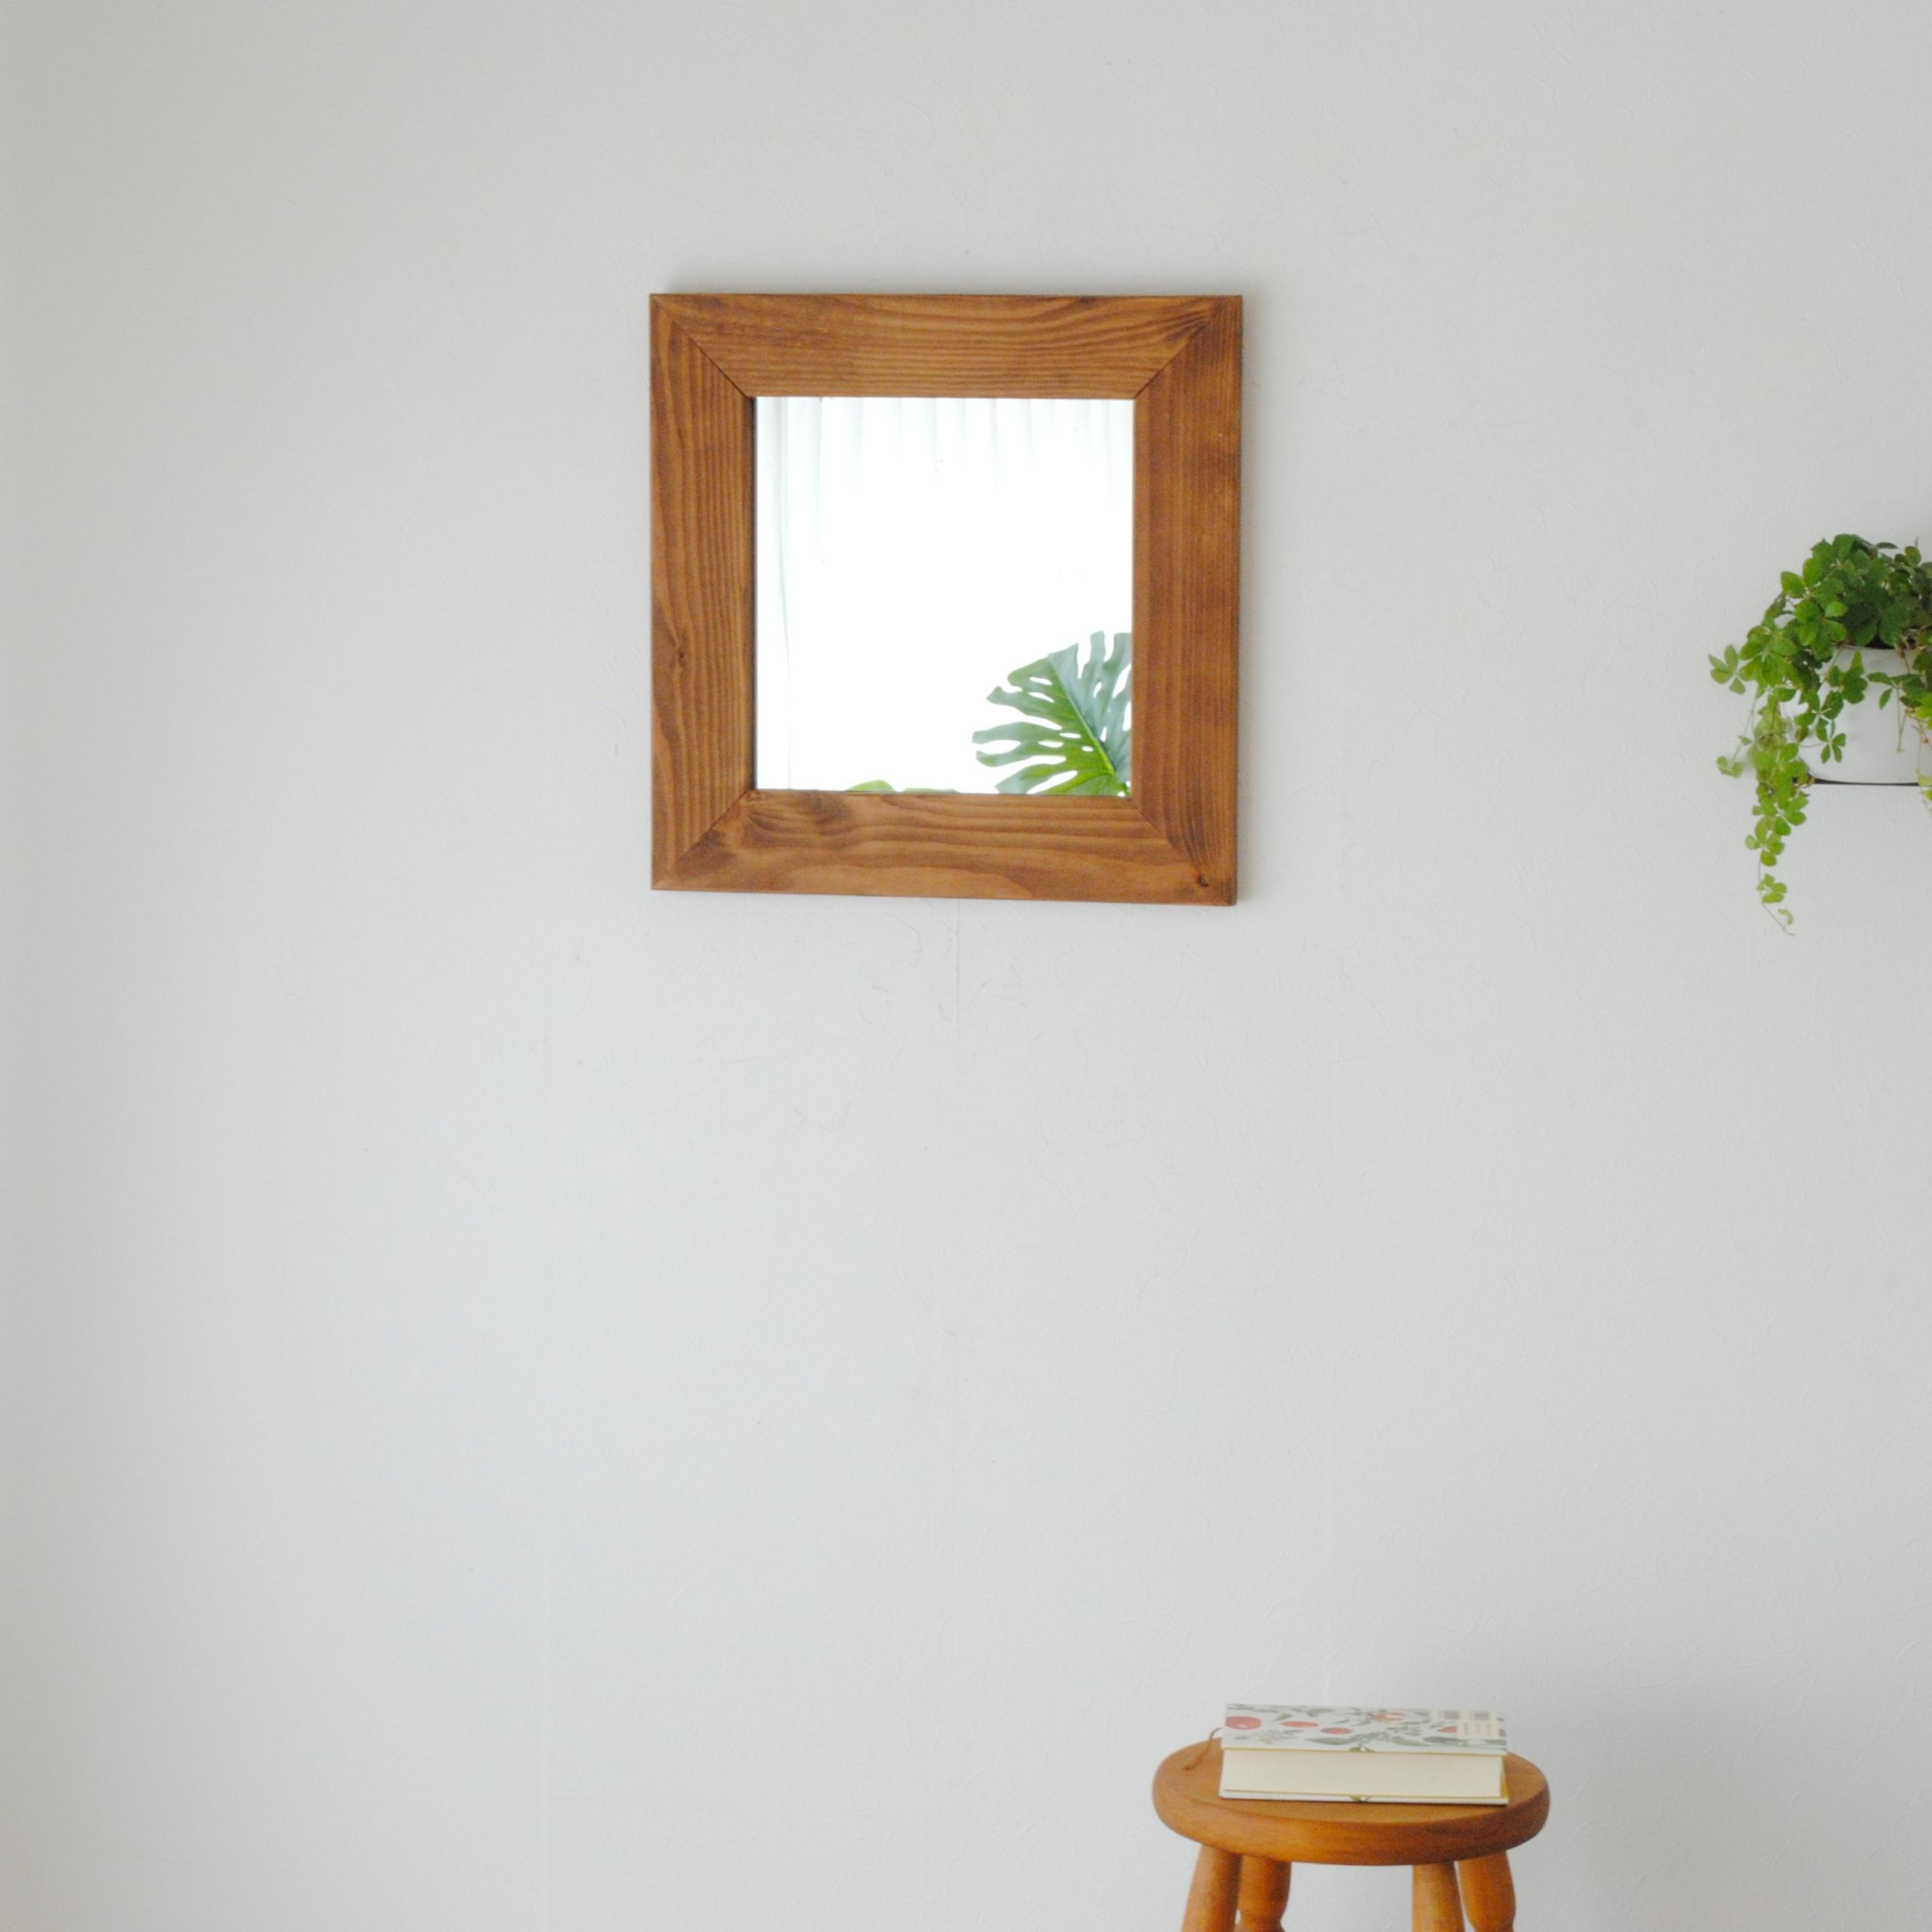 クロノス  ウォールミラー W445×445 壁掛け 全身 鏡 アンティーク調 日本製  ライトブラウン ダークブラウン ホワイト